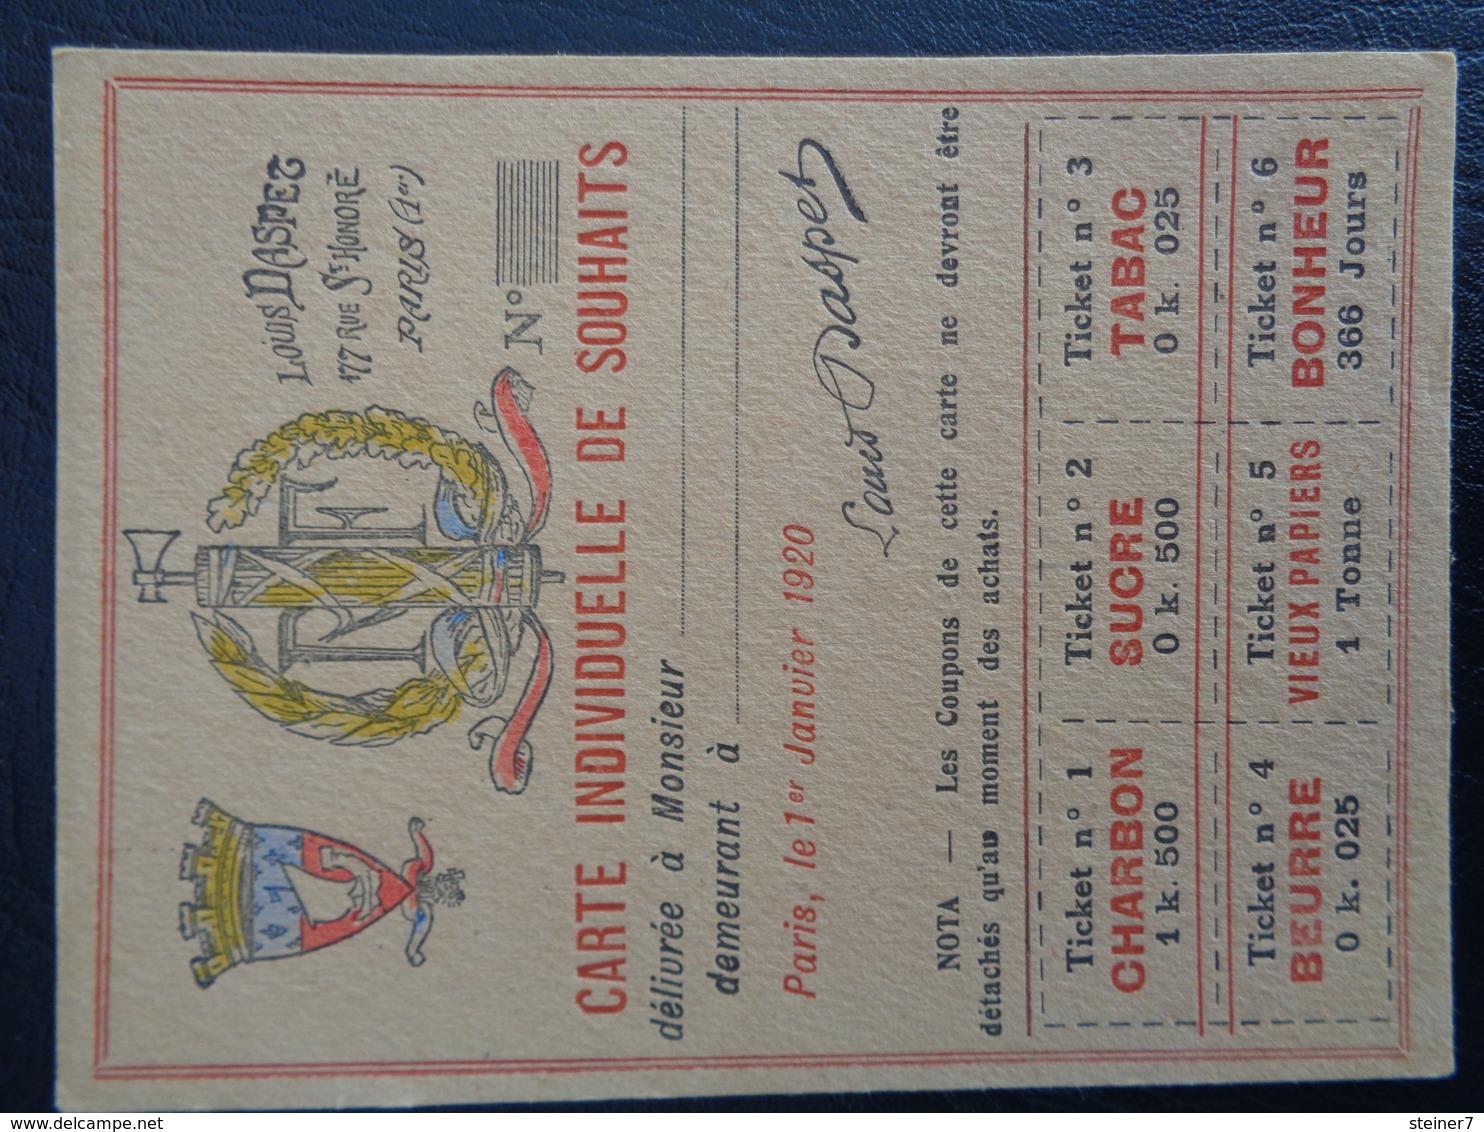 Carte Individuelle De Souhaits (Louis Daspet) - Vecchi Documenti